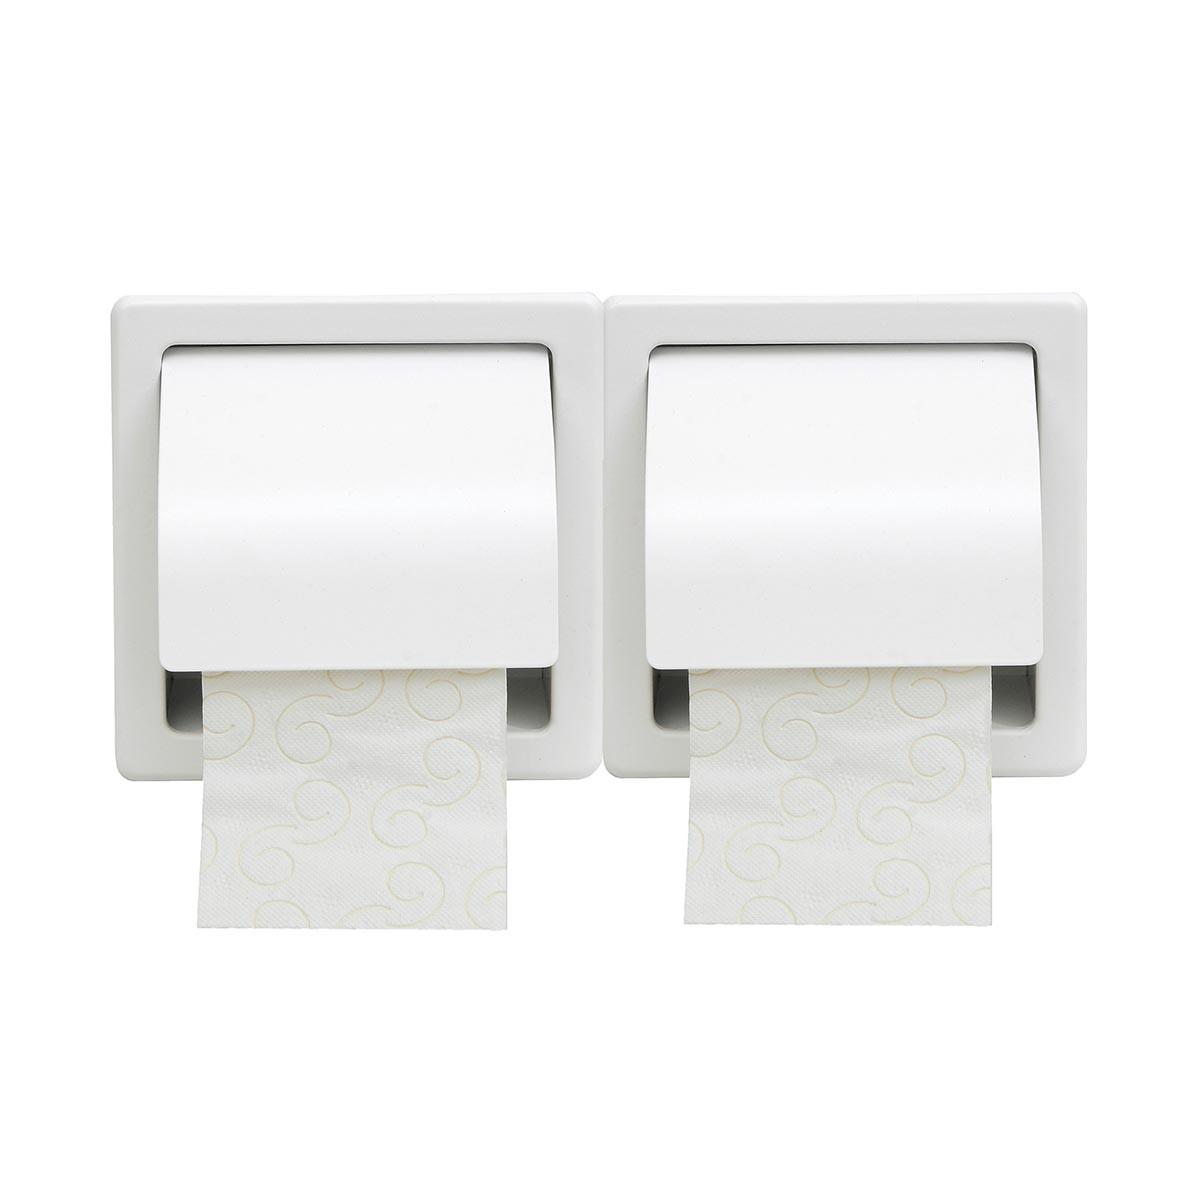 Χαρτοθήκη 2 Θέσεων Με Καπάκι PamCo 110-033 White Matte